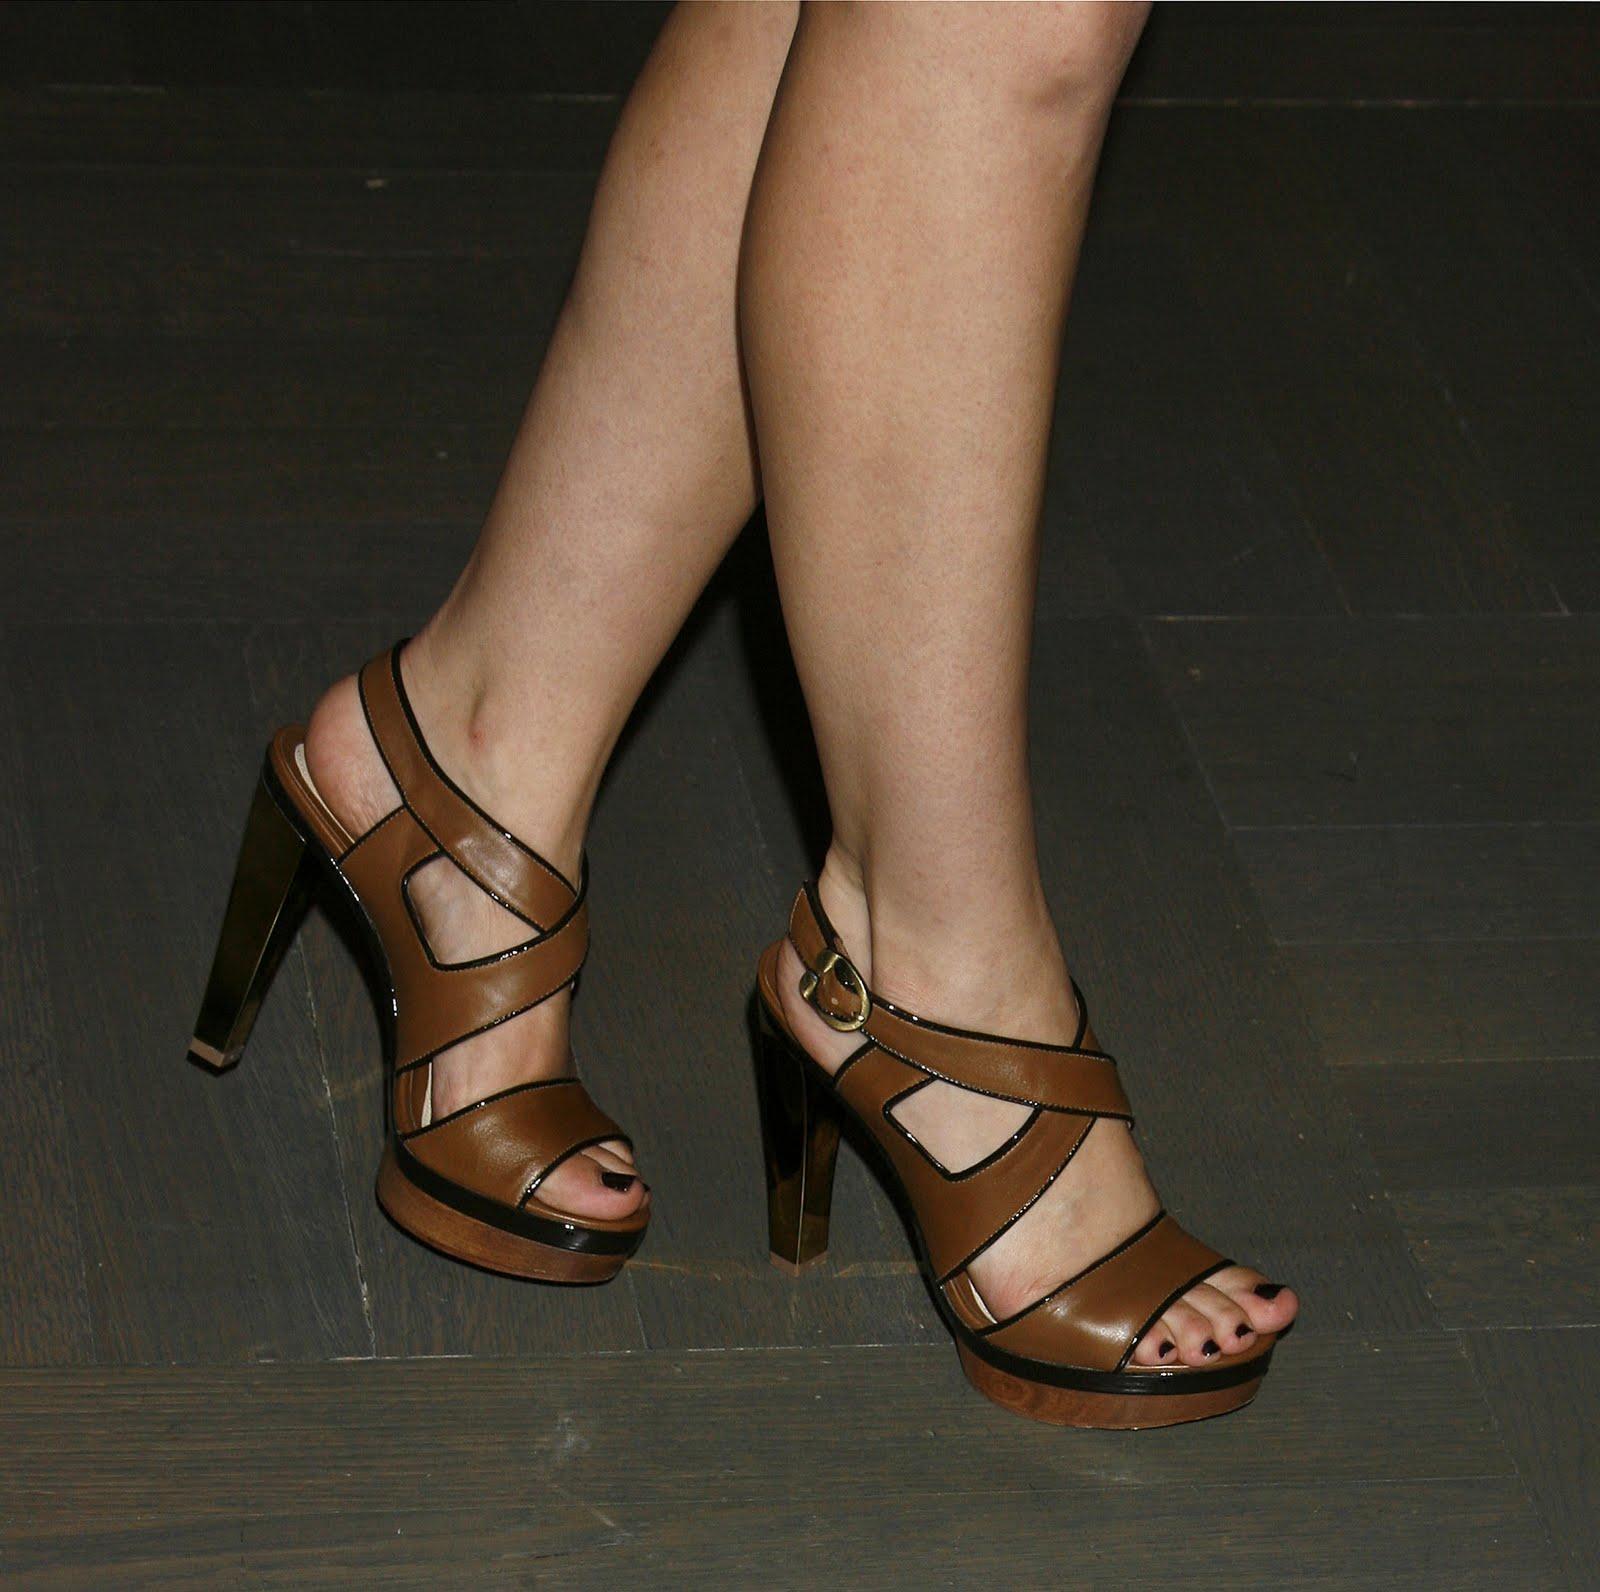 http://3.bp.blogspot.com/_UaLWp72nij4/TEipalHSZ_I/AAAAAAAAR_s/9TMehpSuz9g/s1600/sophia-bush-feet-2.jpg